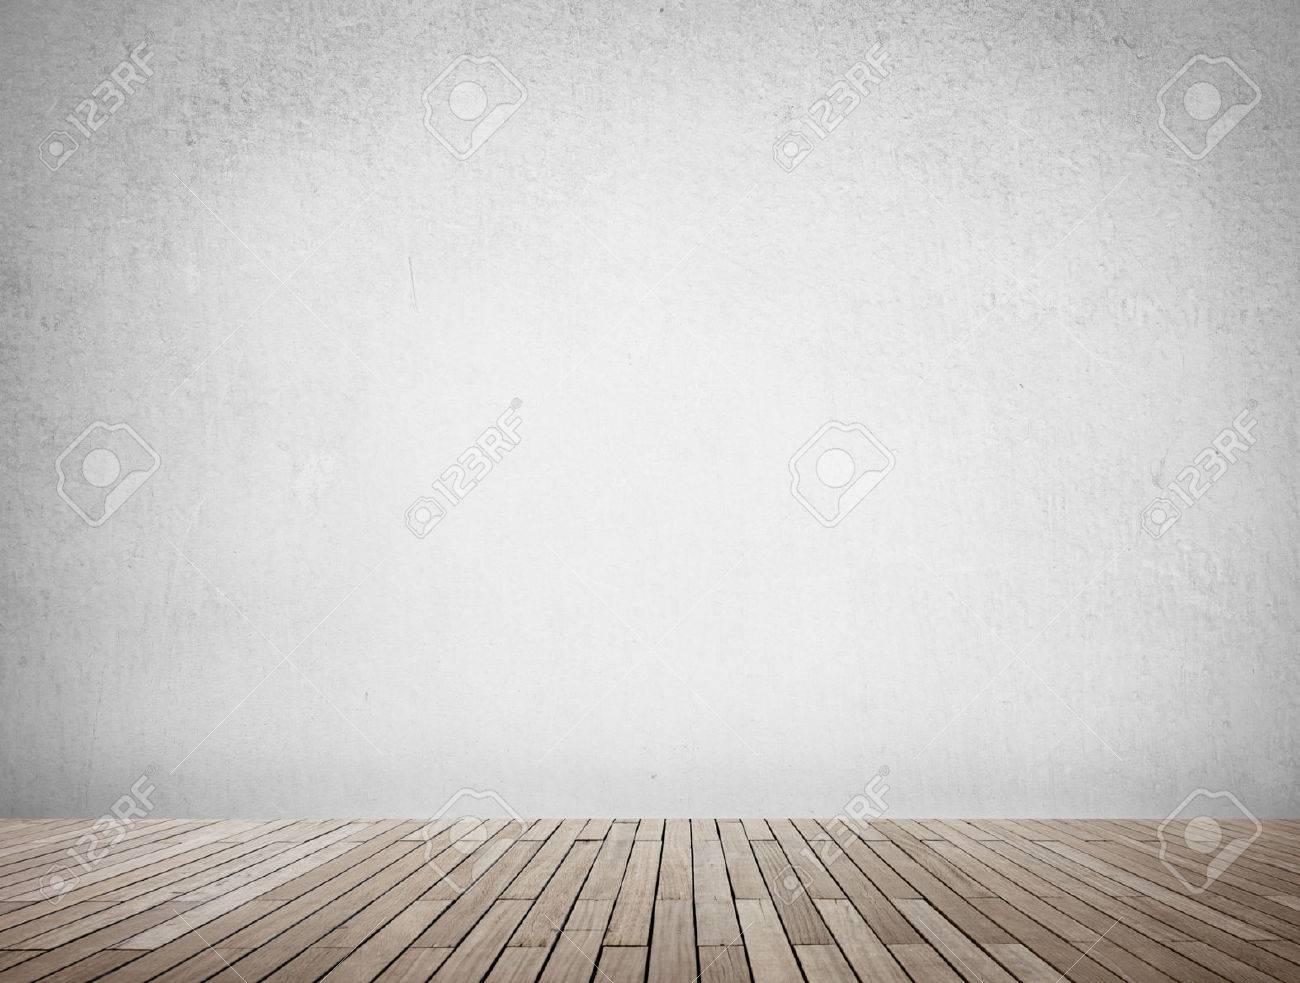 グランジ背景壁紙木製の床コンクリートの概念 の写真素材 画像素材